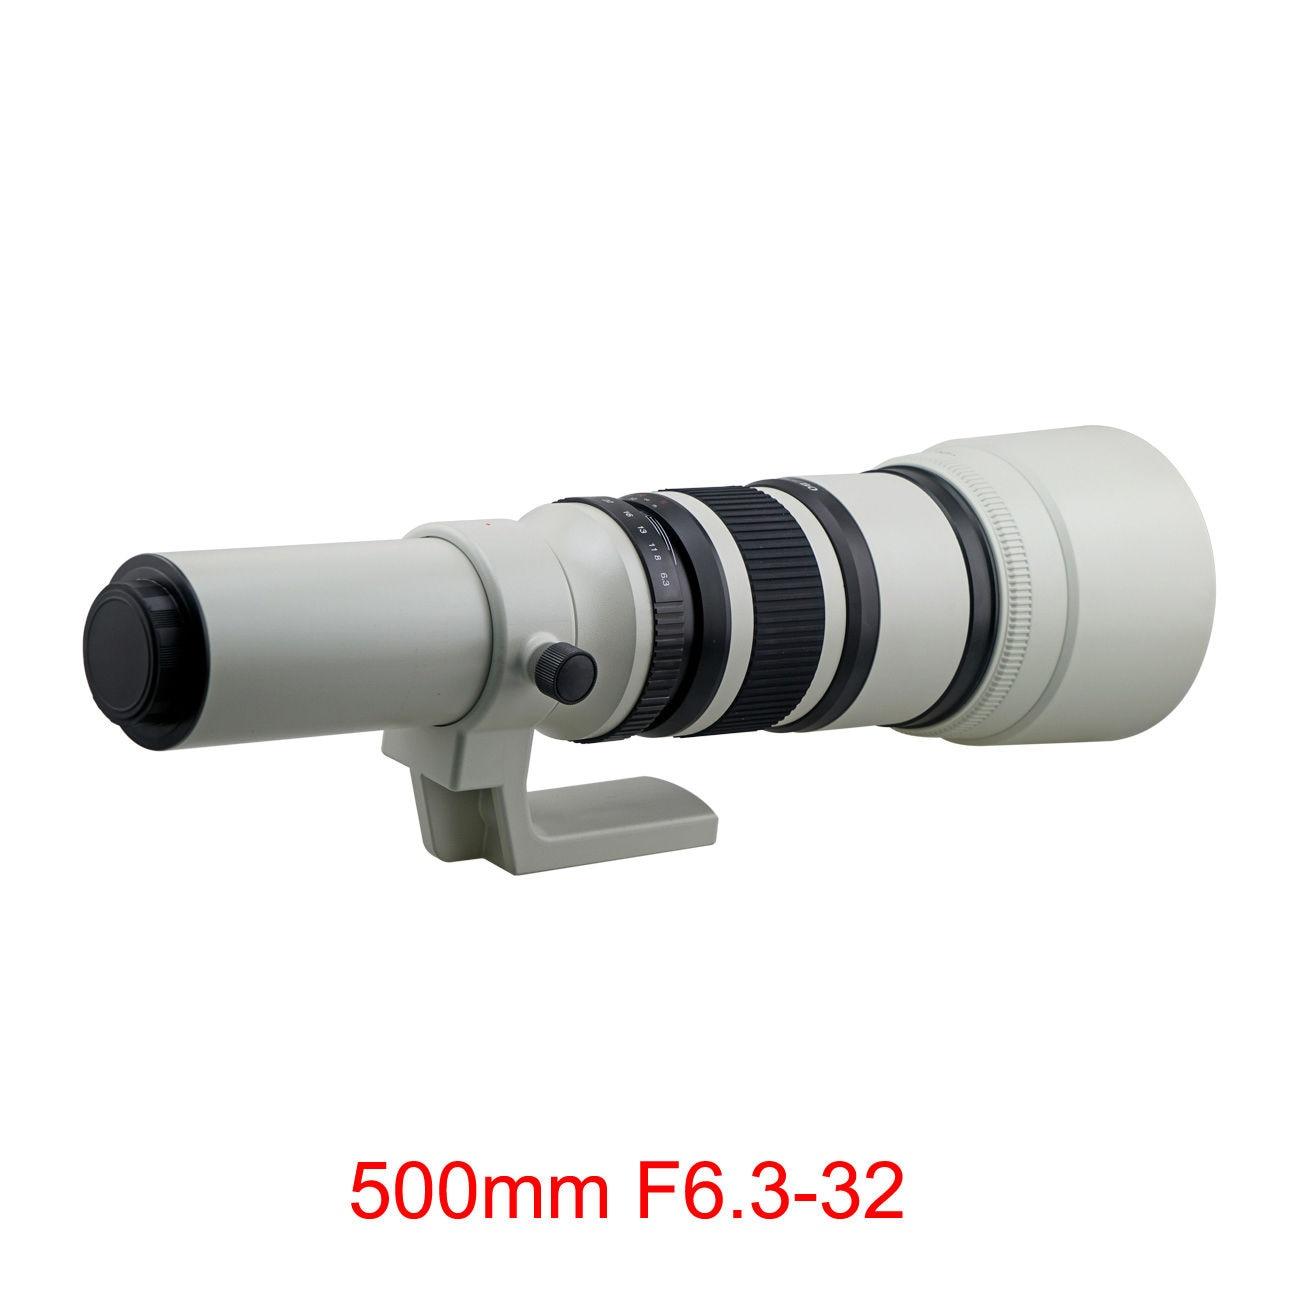 500mm F6.3-32 T Mount Telephoto LENS white for Sony NEX A7 A7R A7II A7S A7R A3000 A5000 A6000 RX100 HX50 HX400 camera